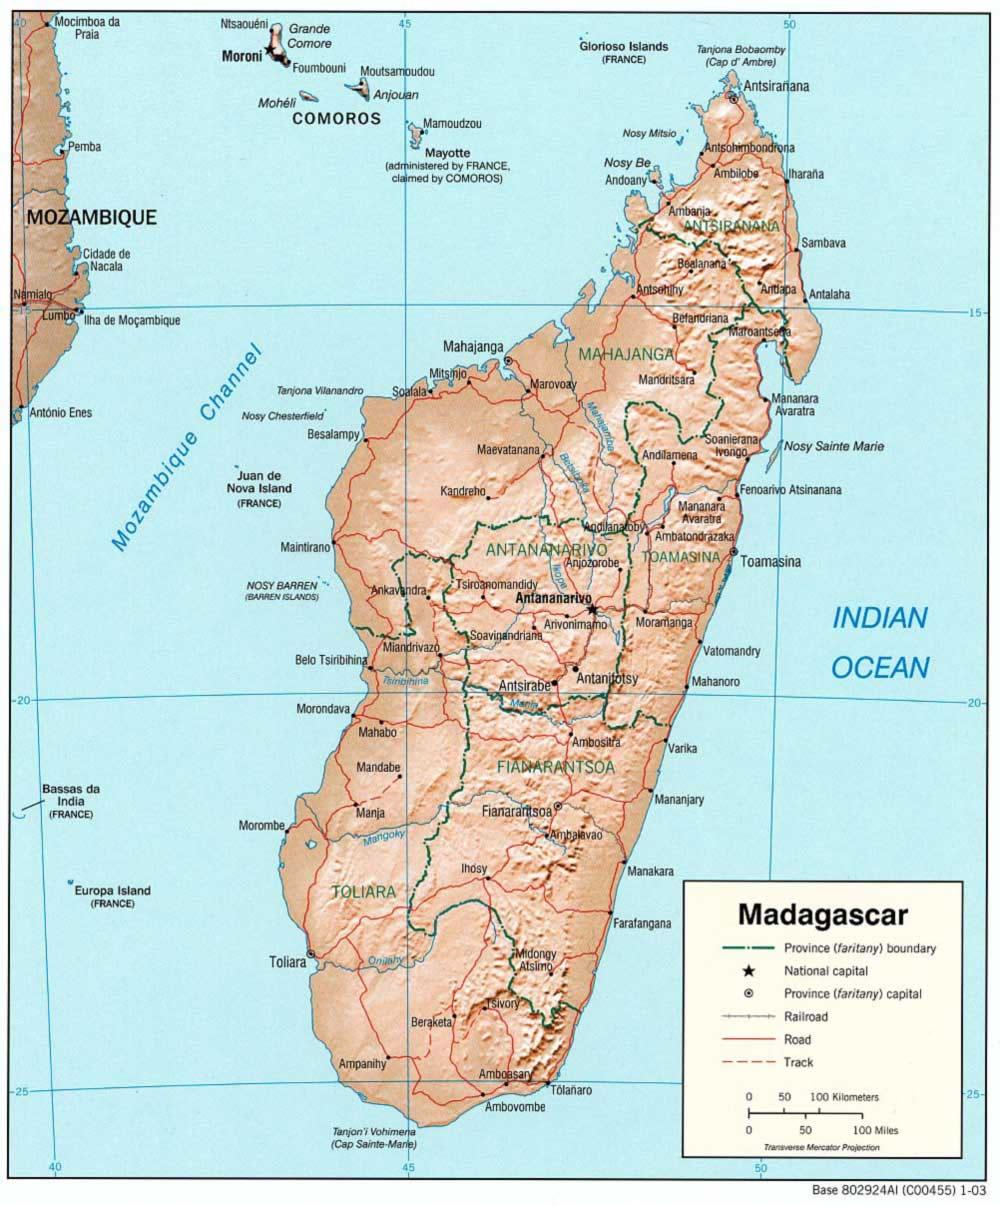 Carte Topographique De Madagascar.Carte Relief Madagascar Carte Des Reliefs De Madagascar